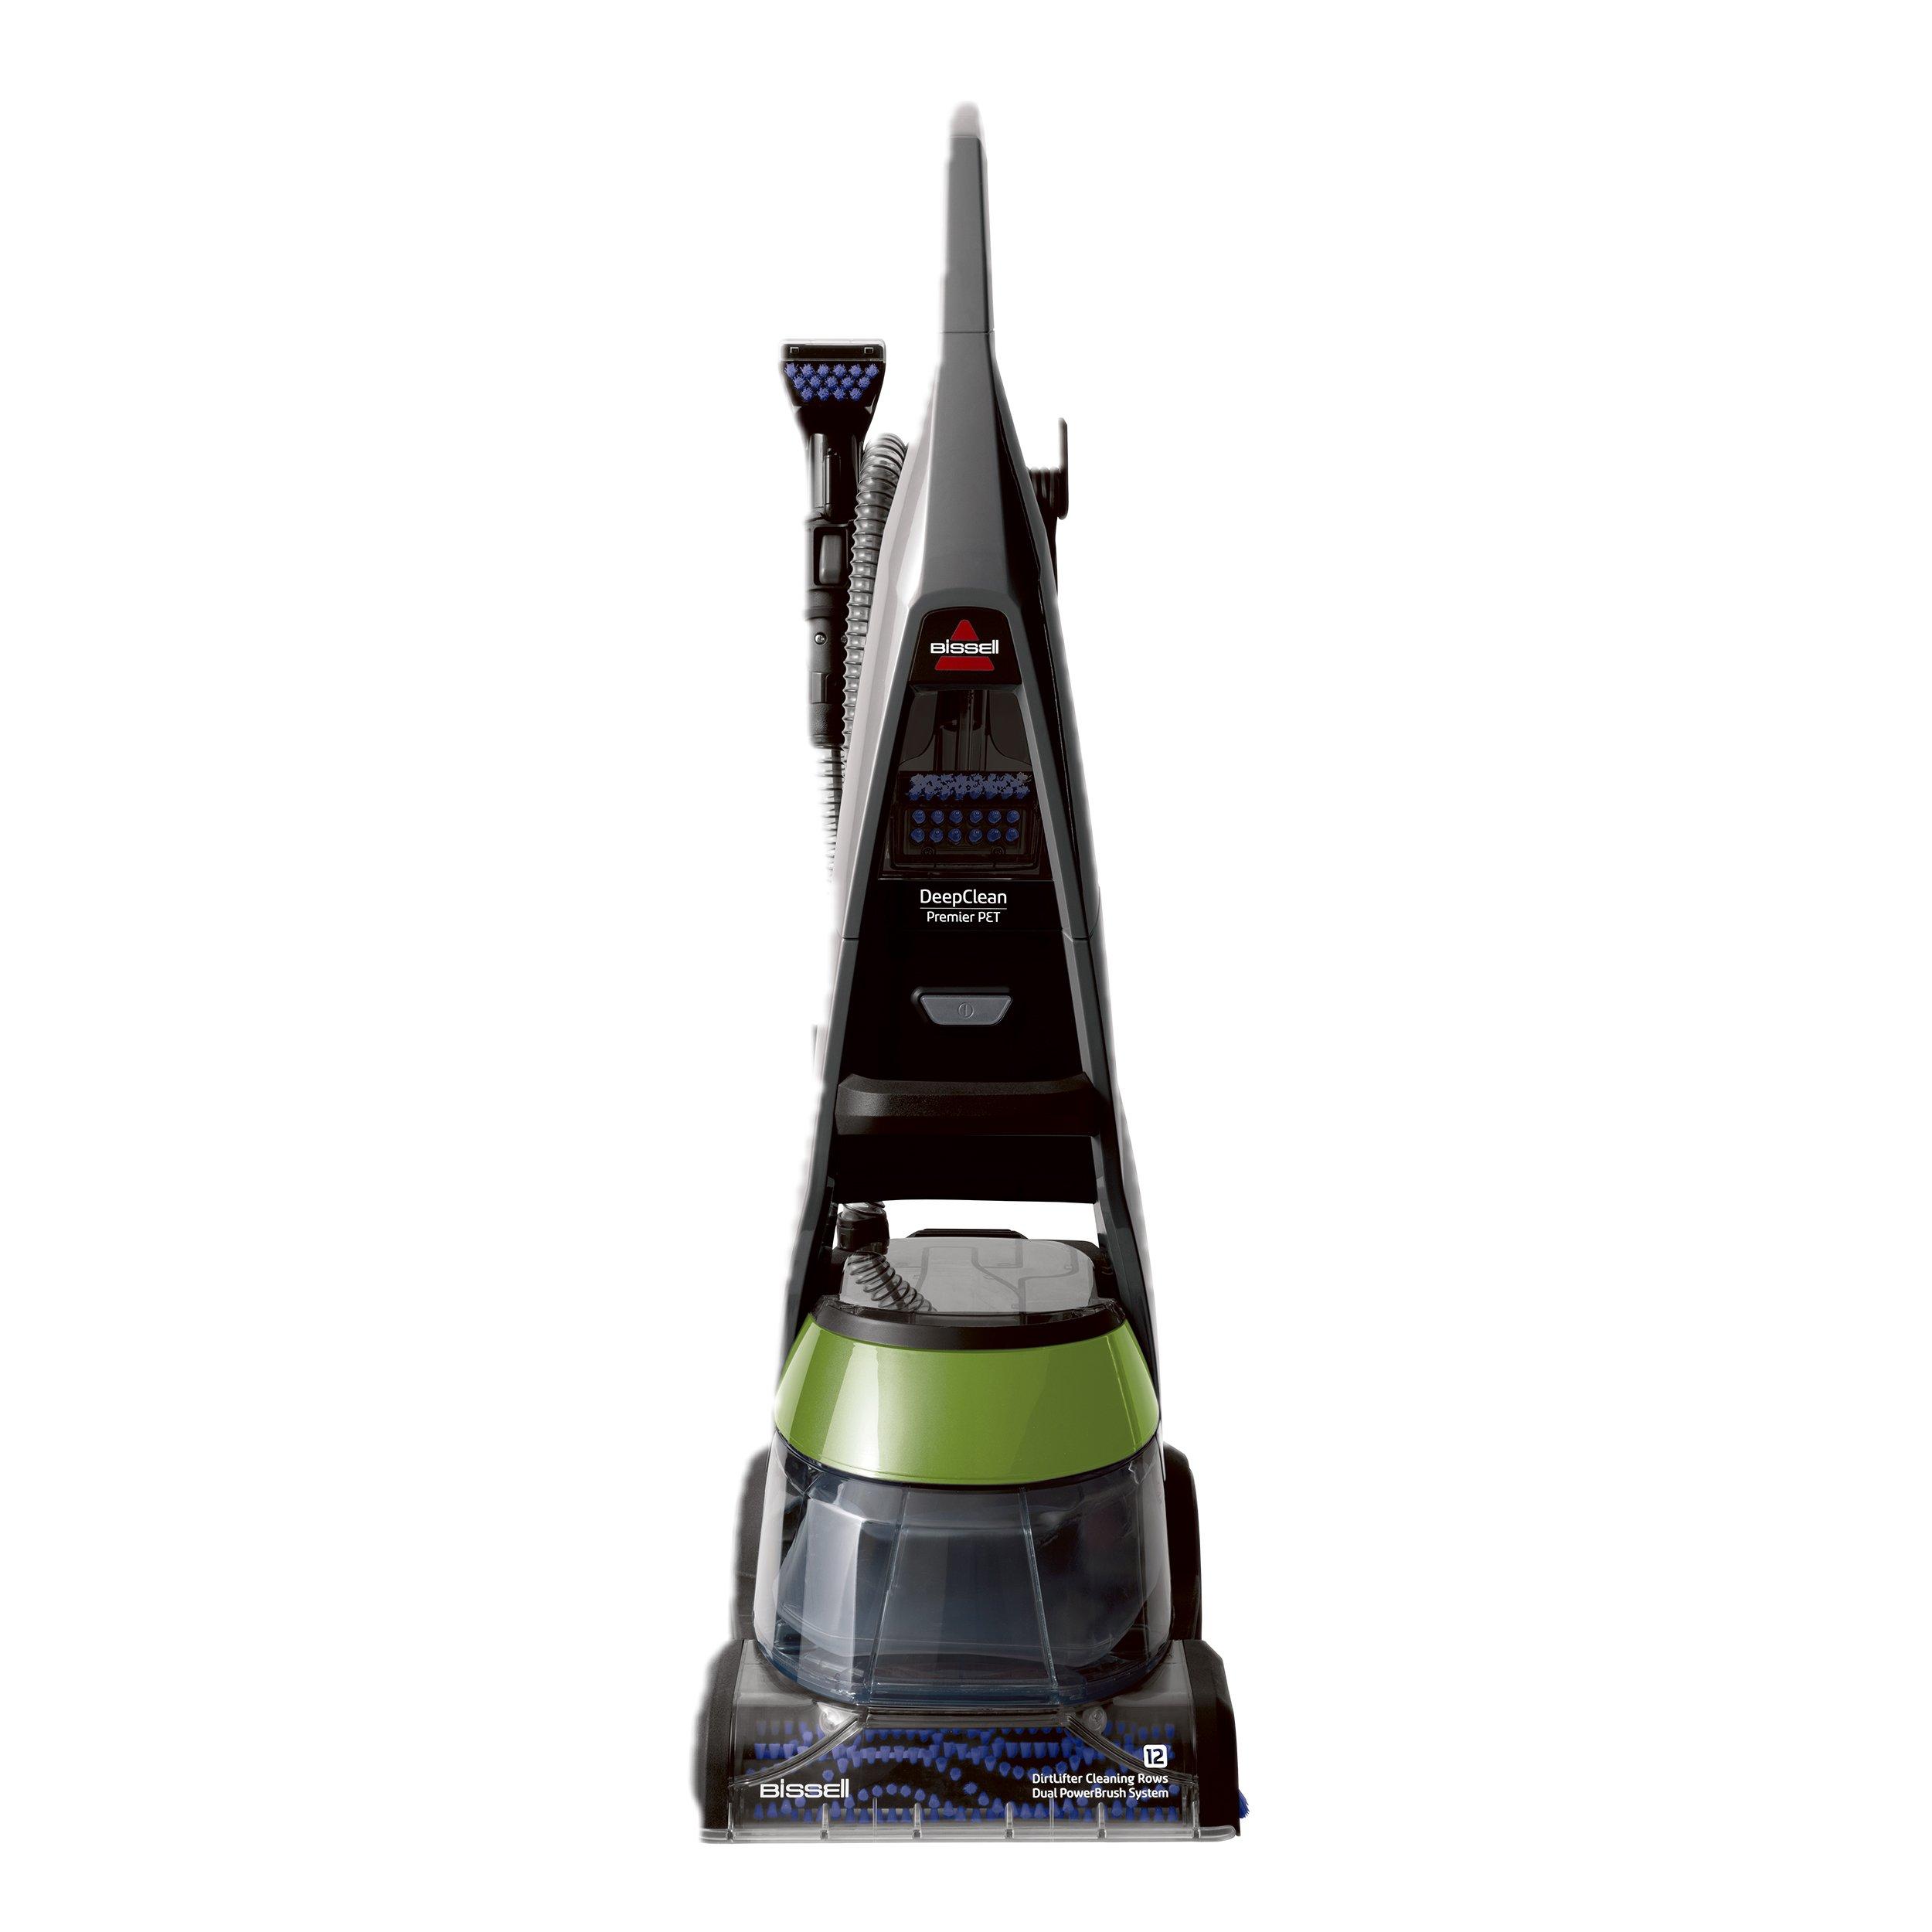 BISSELL DeepClean Premier Pet Carpet Cleaner, 17N4, Grey by Bissell